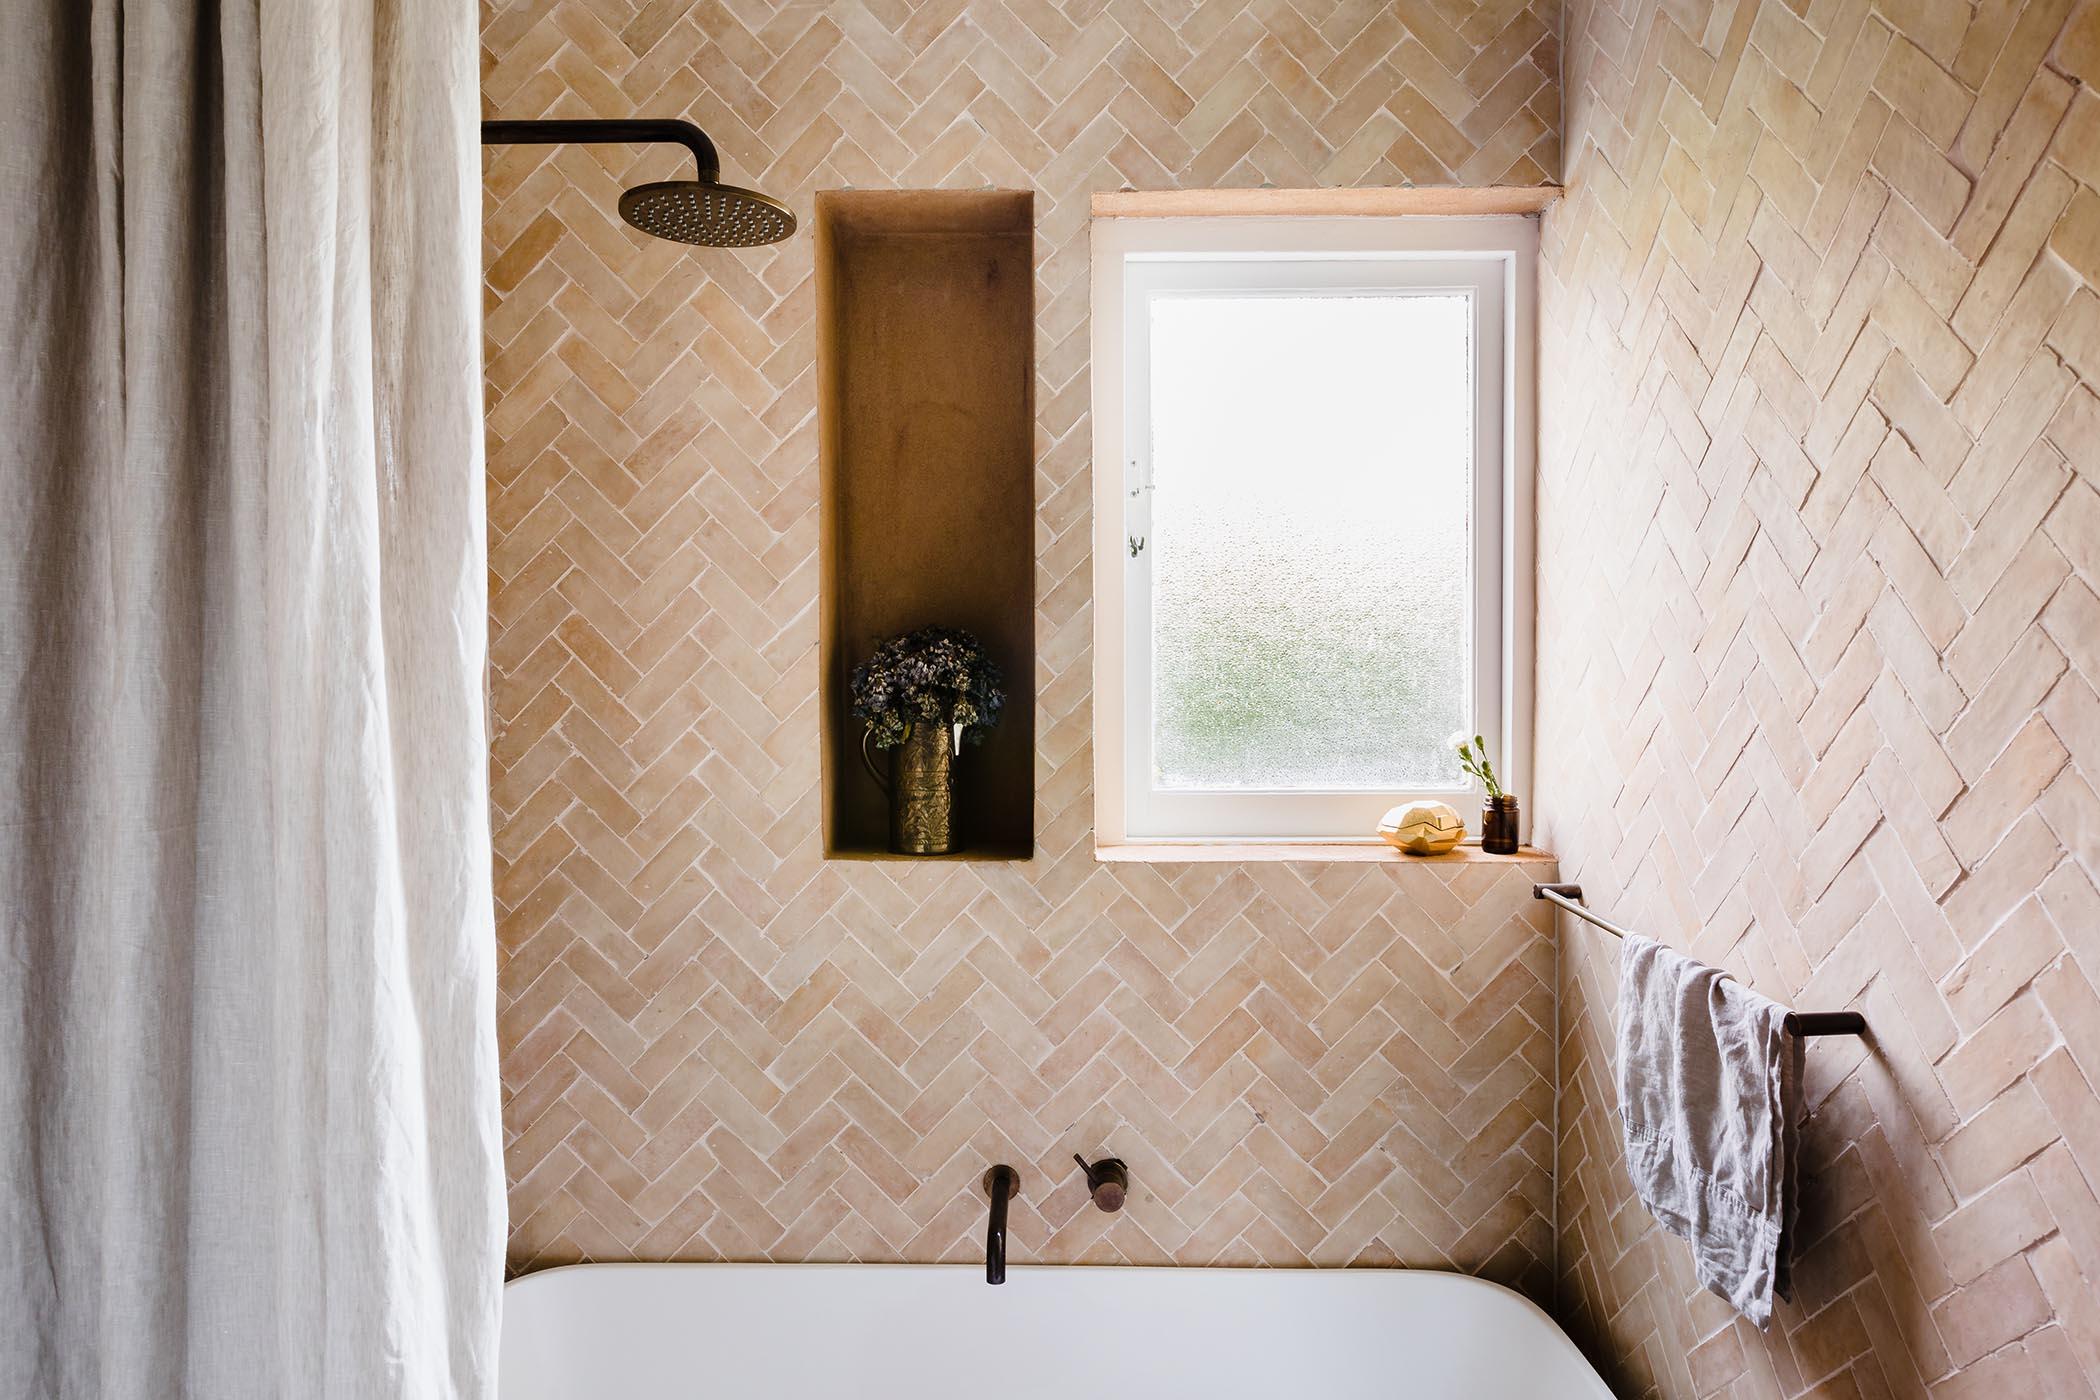 STUDIO EZRA INTERIOR TILESOFEZRA Georgia Ezra Home Feature shower Mosaic Moroccan Bejmat feature wall tile shower bathtub.jpg